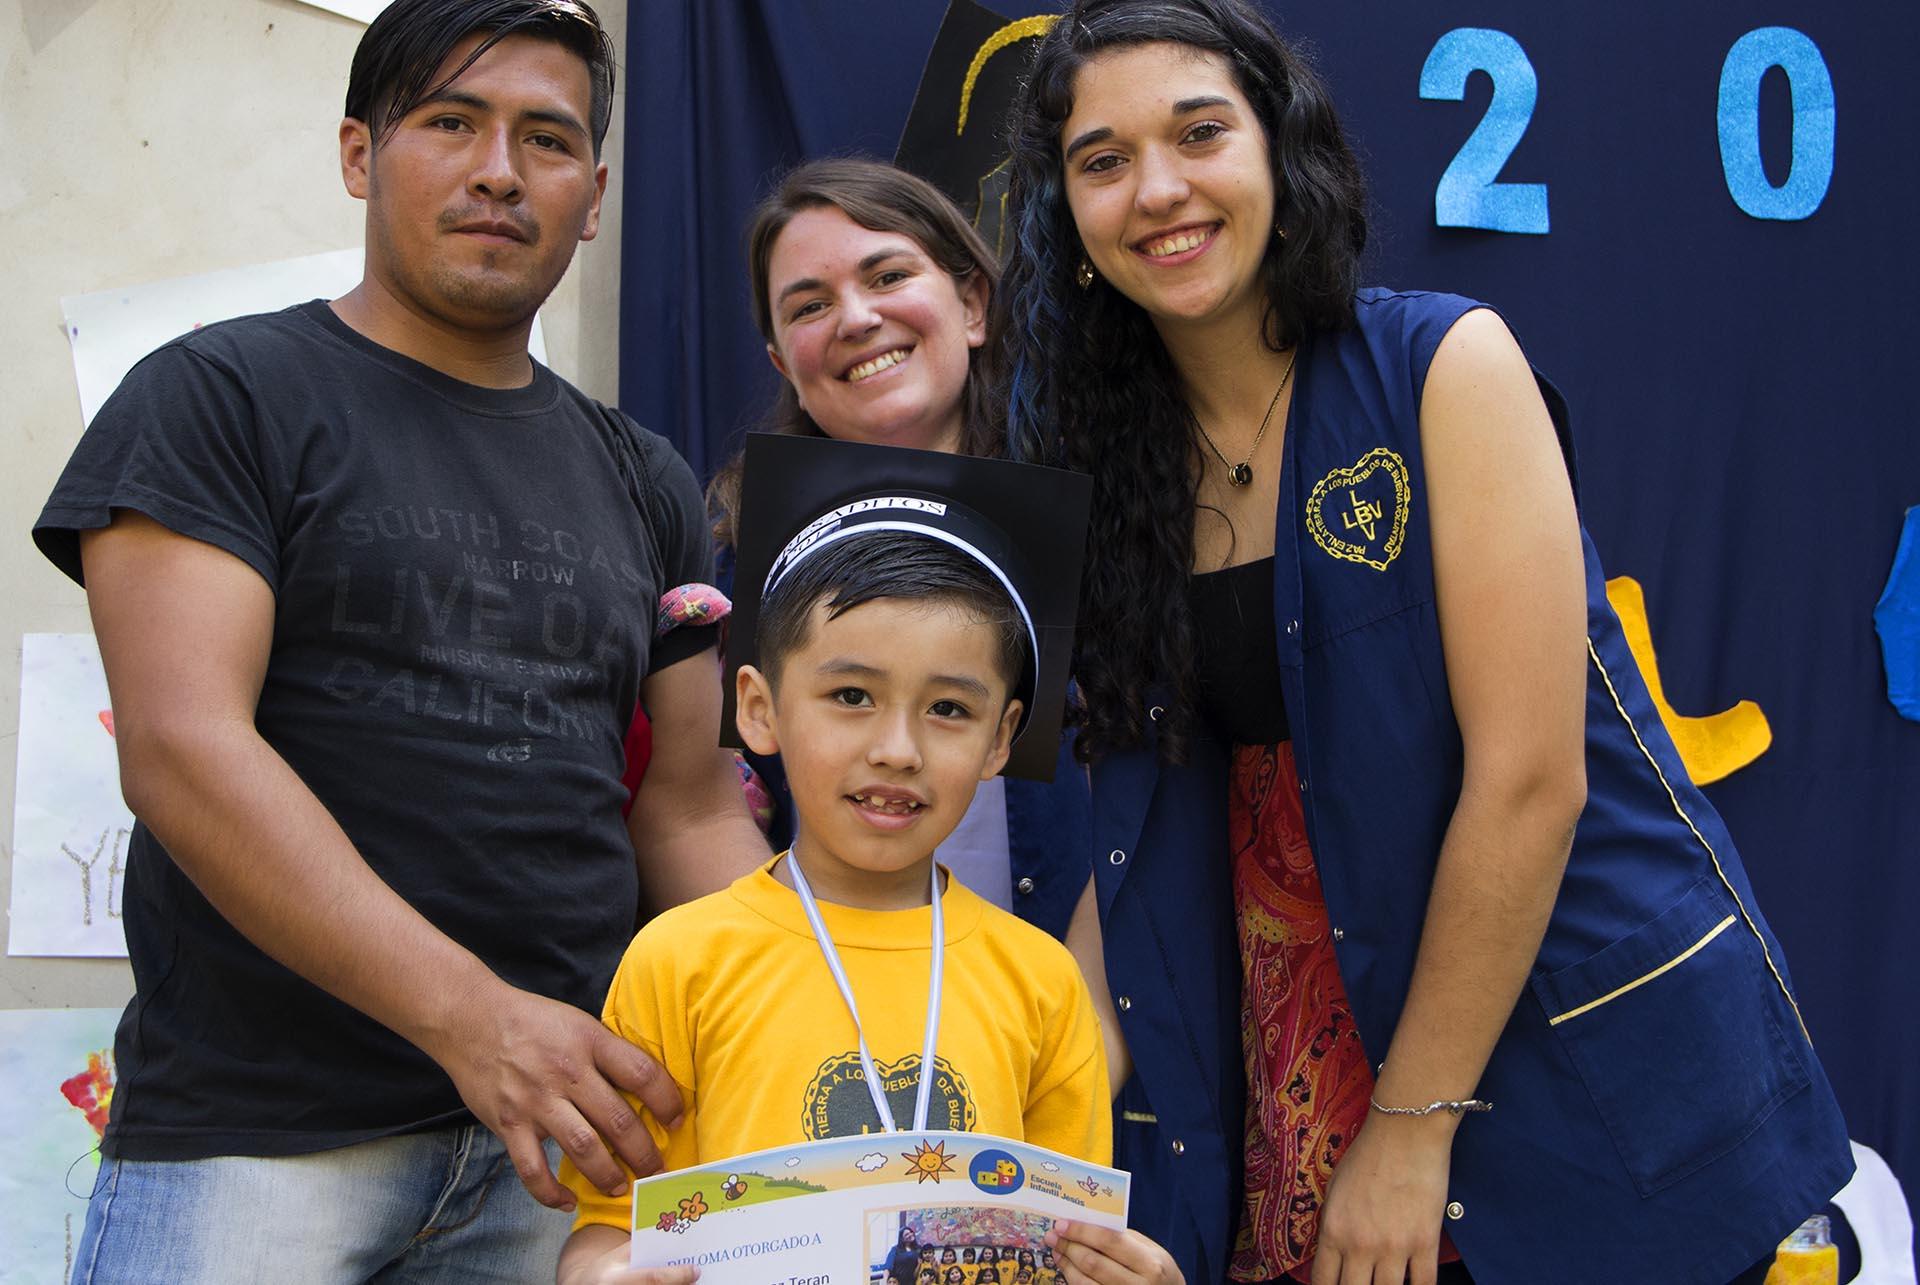 Los niños y niñas de la sala de Preescolar de la Escuela Infantil Jesús recibieron su Diploma de Egresados, en una fiesta repleta de alegría y emoción.